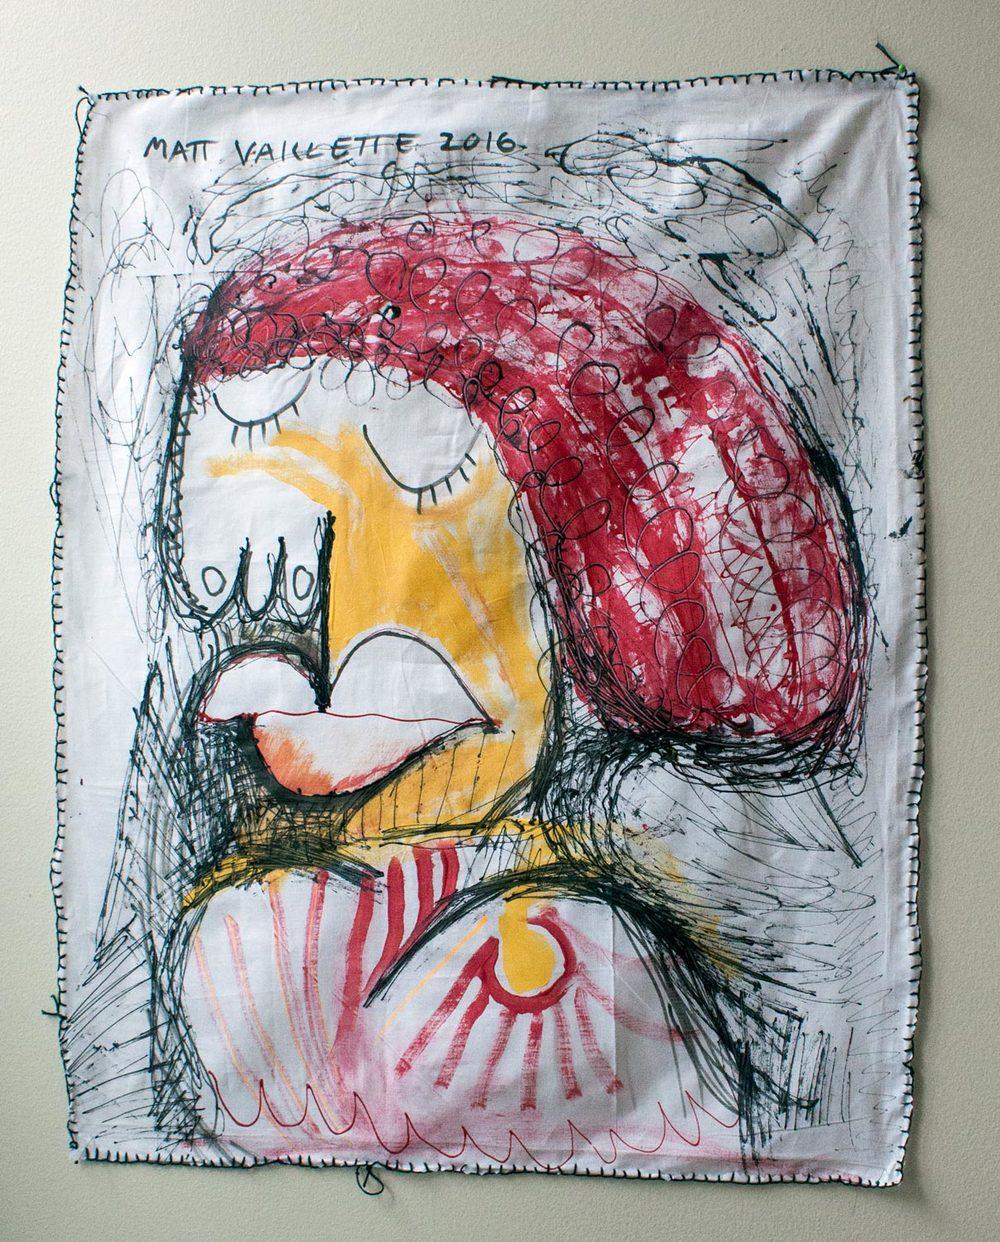 Tapestry by Matt Vaillette, 2016